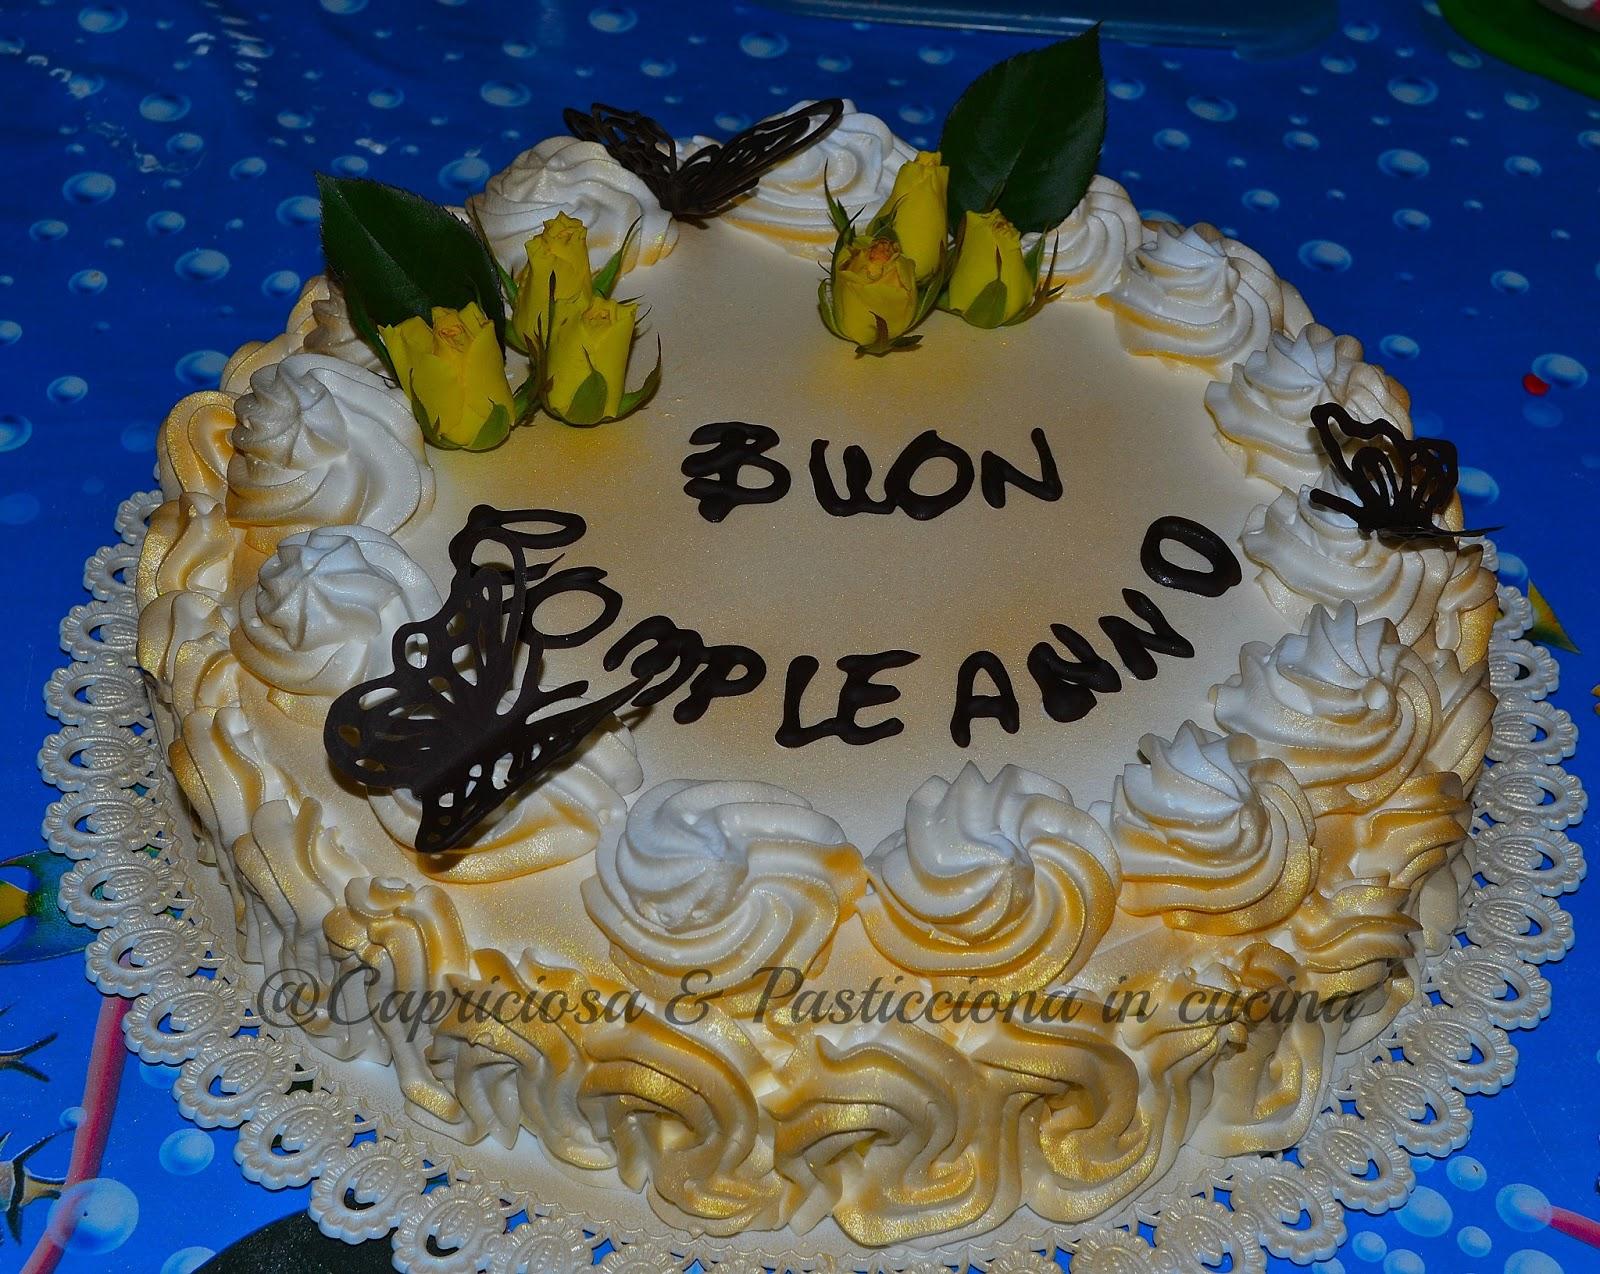 Capricciosa e pasticciona in cucina febbraio 2013 for Decorazione torte con wafer